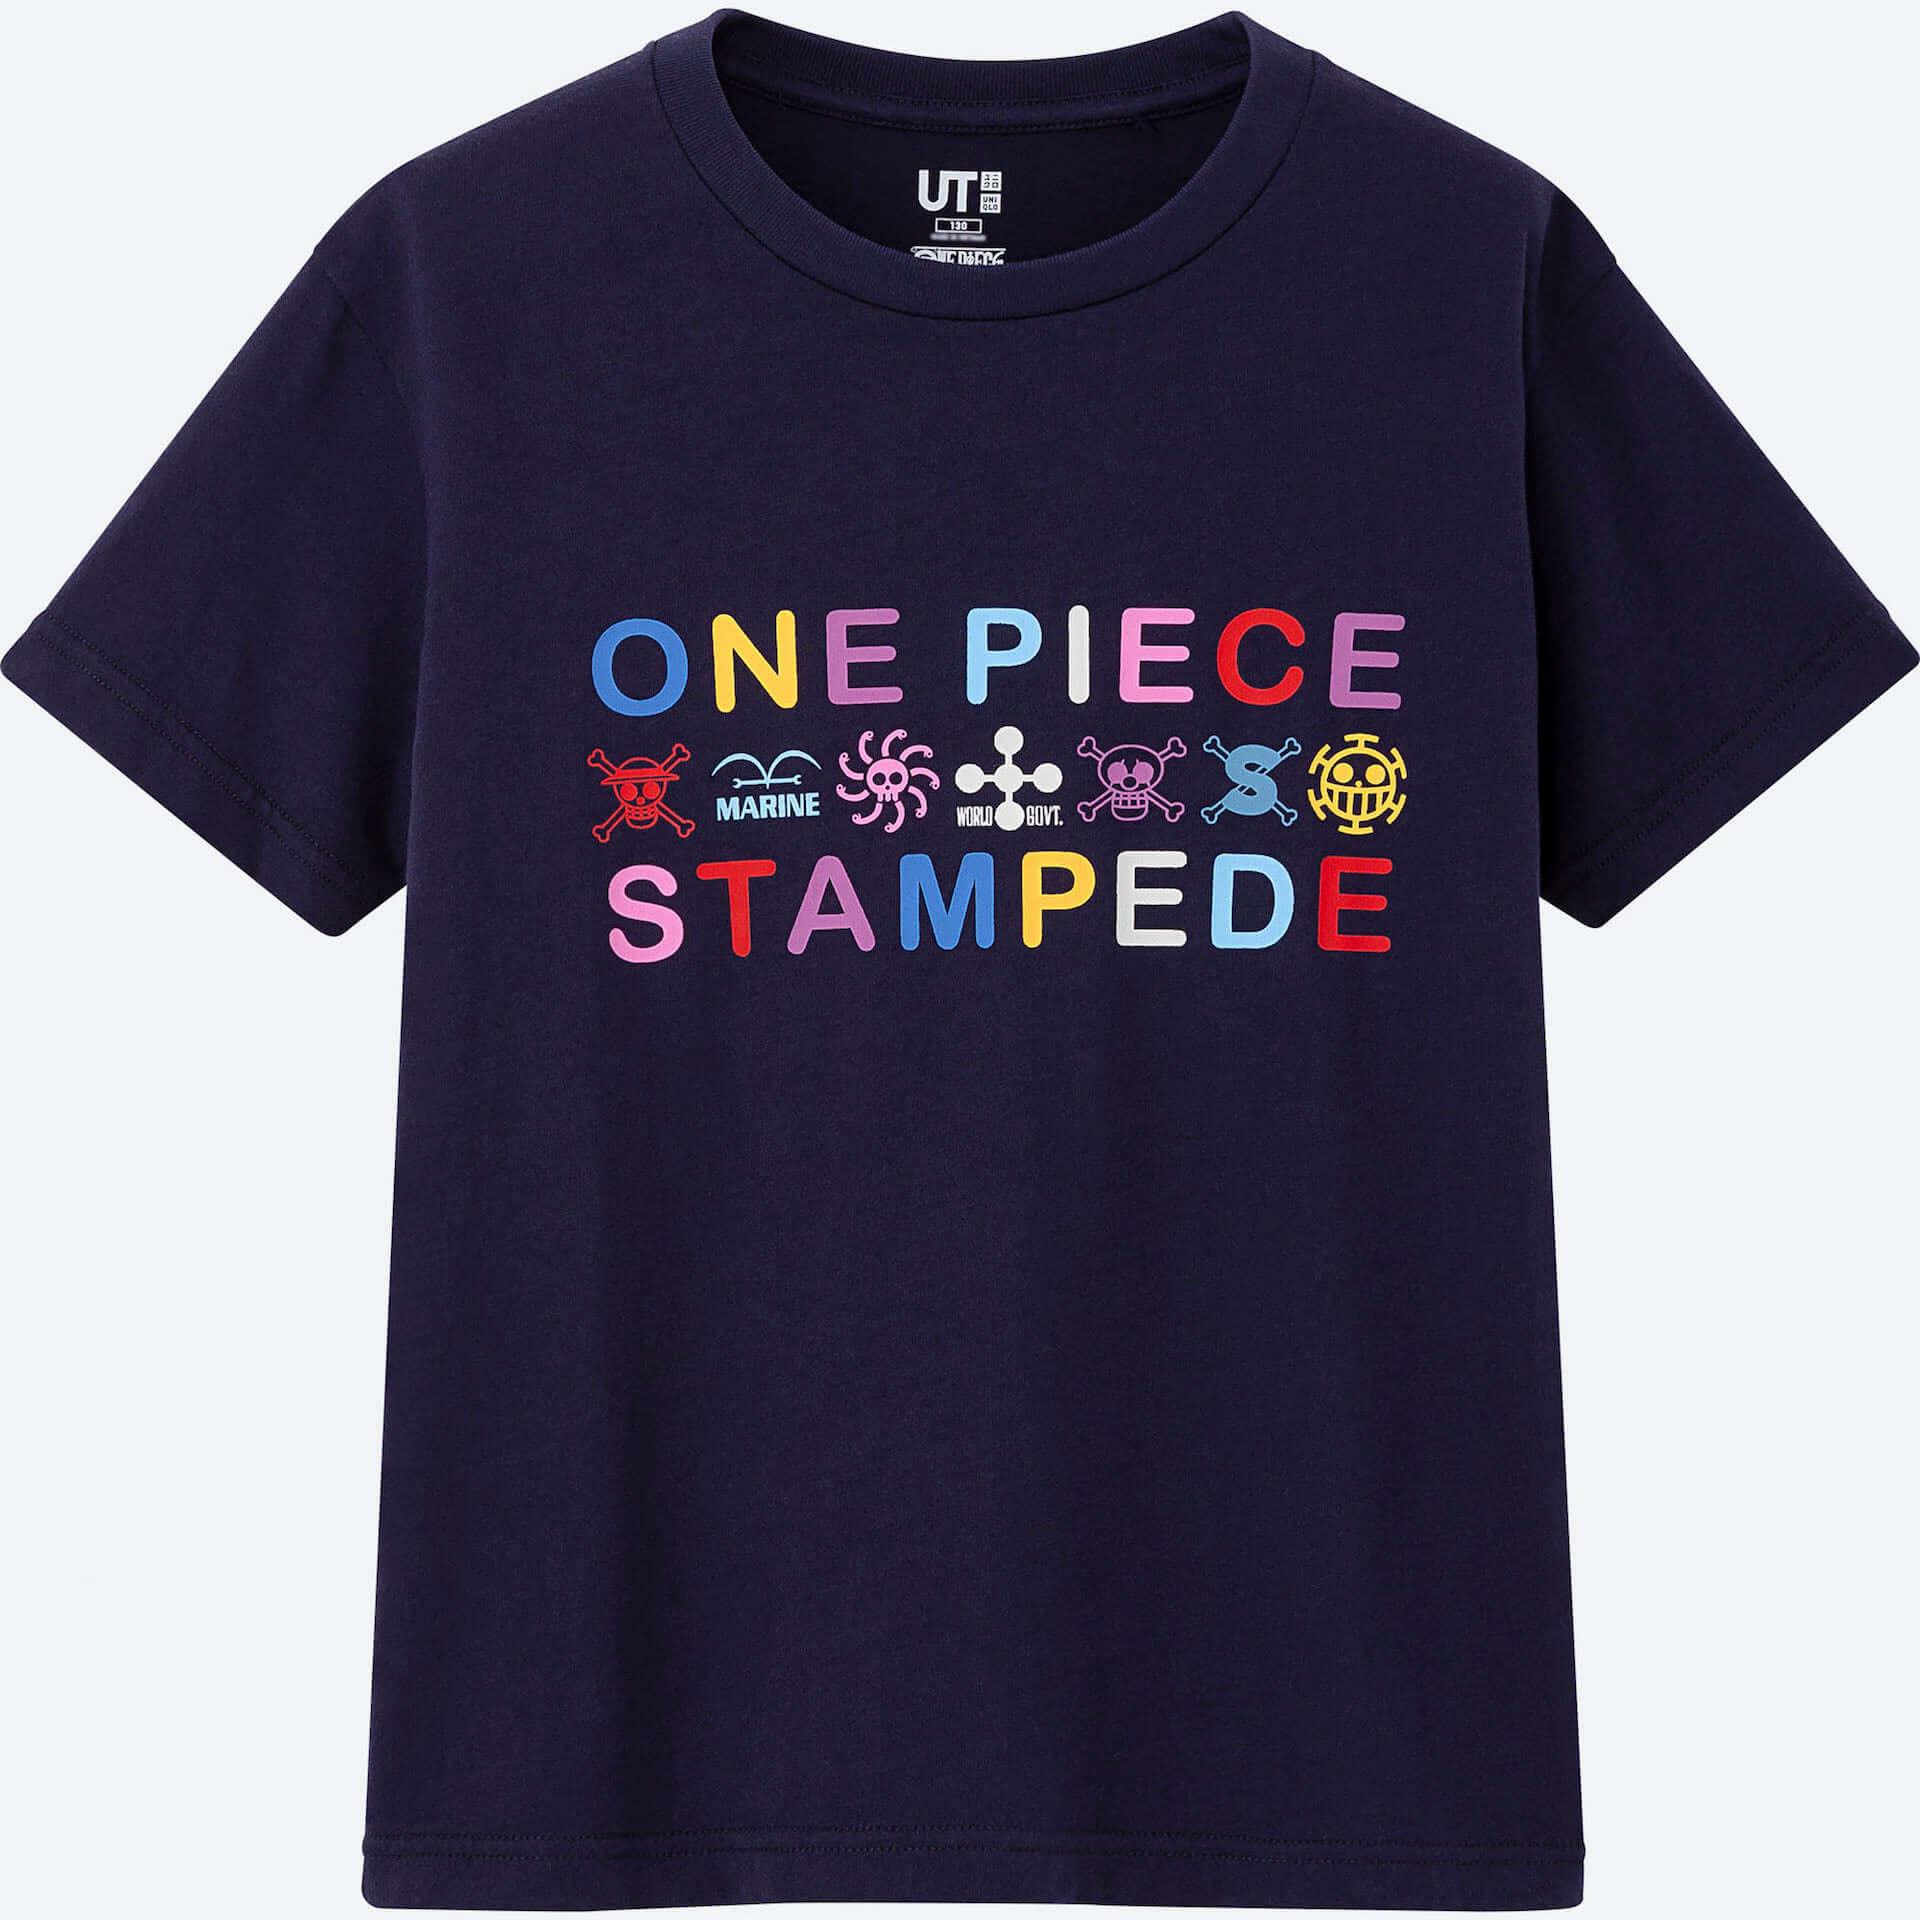 ユニクロとONE PIECEの第2弾コラボが実現!UTに『ONE PIECE STAMPEDE』シリーズが登場 life190711_onepiece_stampede_10-1920x1920